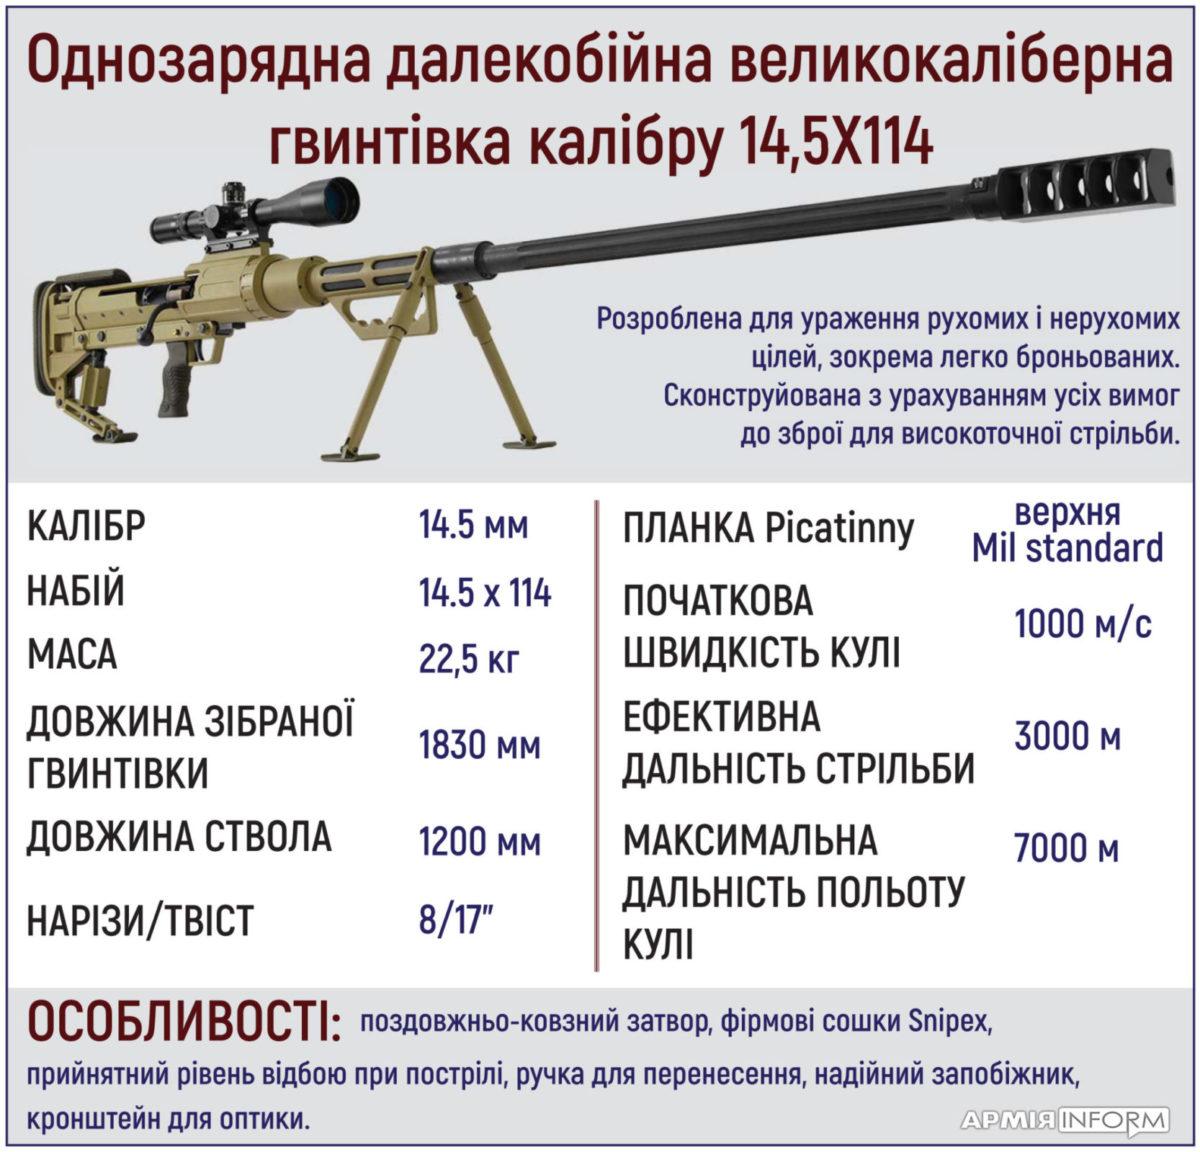 Великокаліберна гвинтівка 14,5Х114